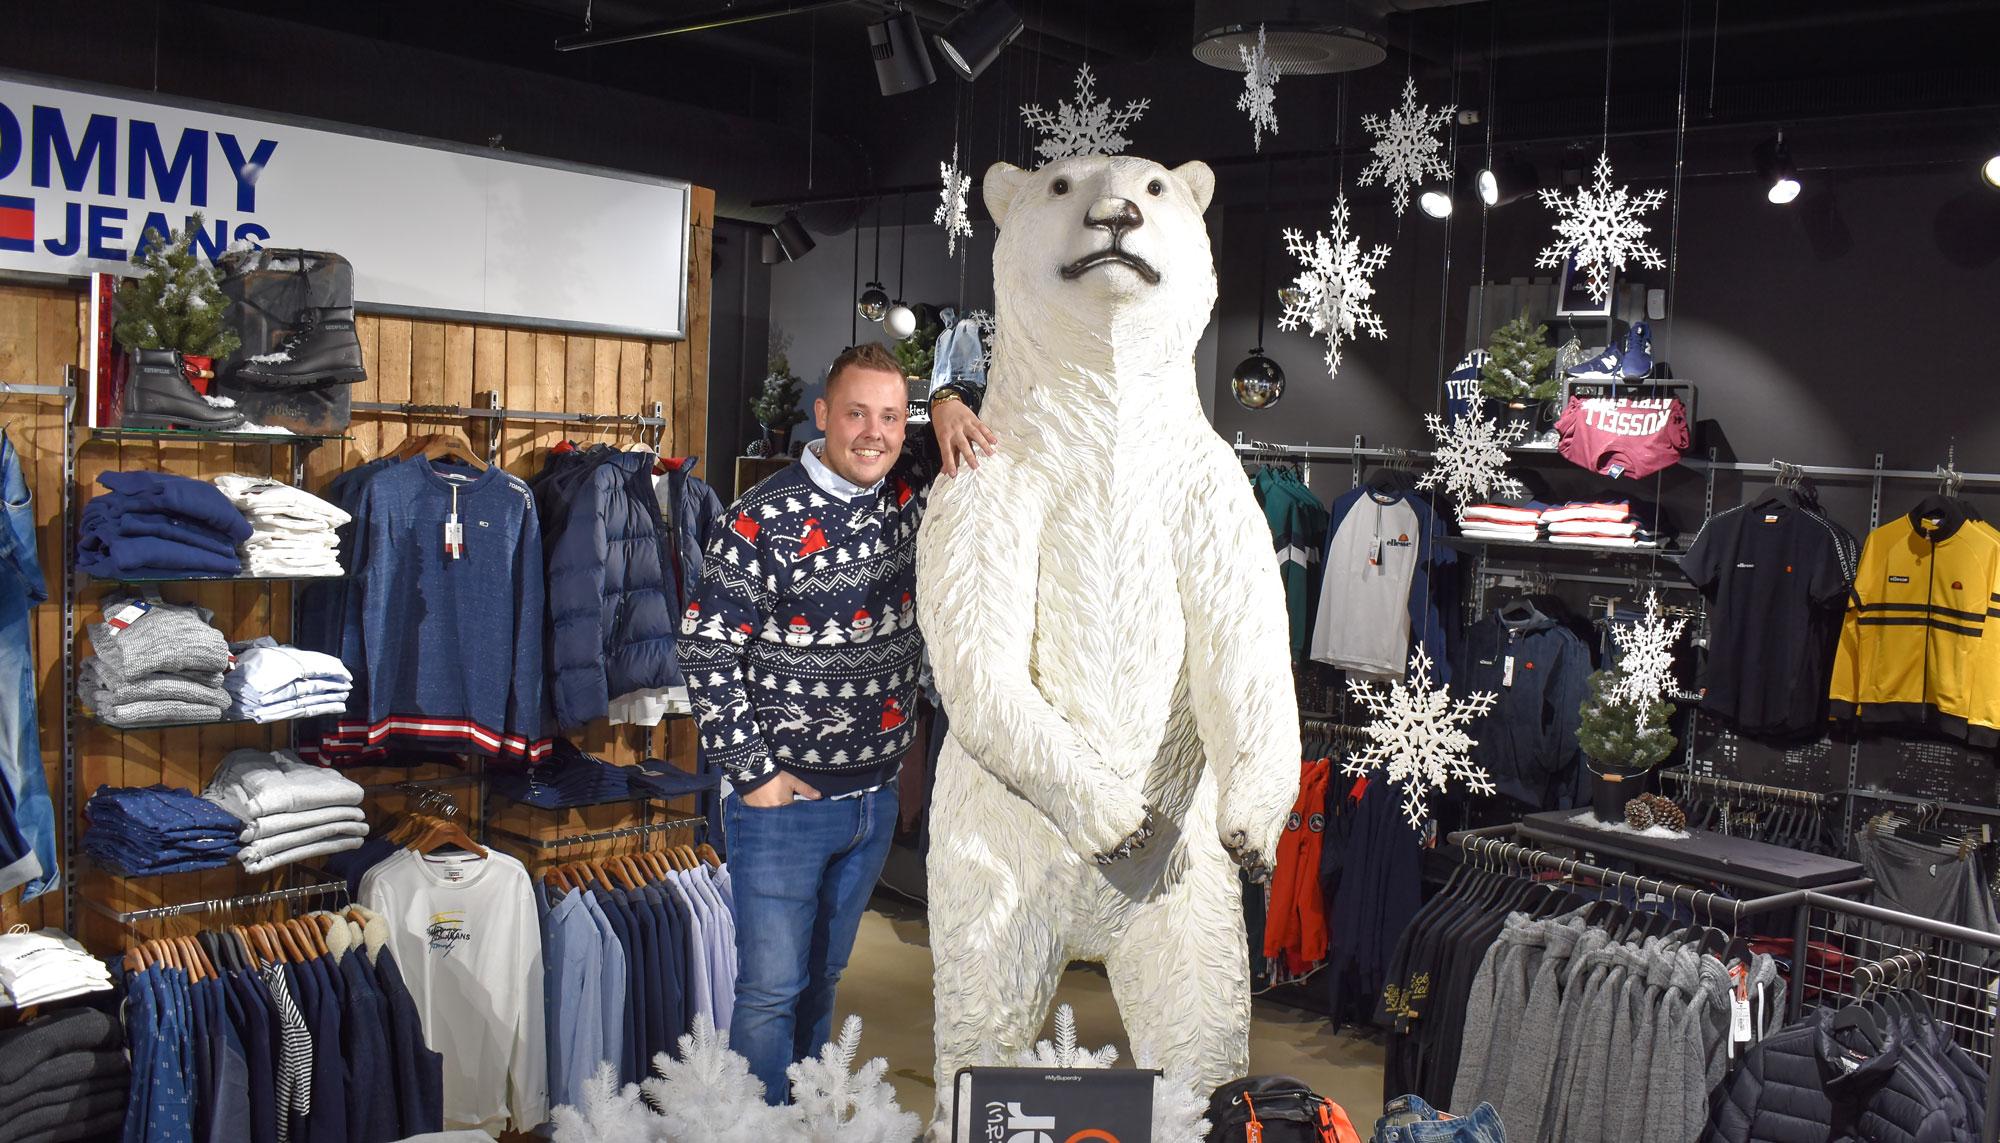 Isbjørn, julesweatre og vilde dekorationer: MATHstore går all in på jul